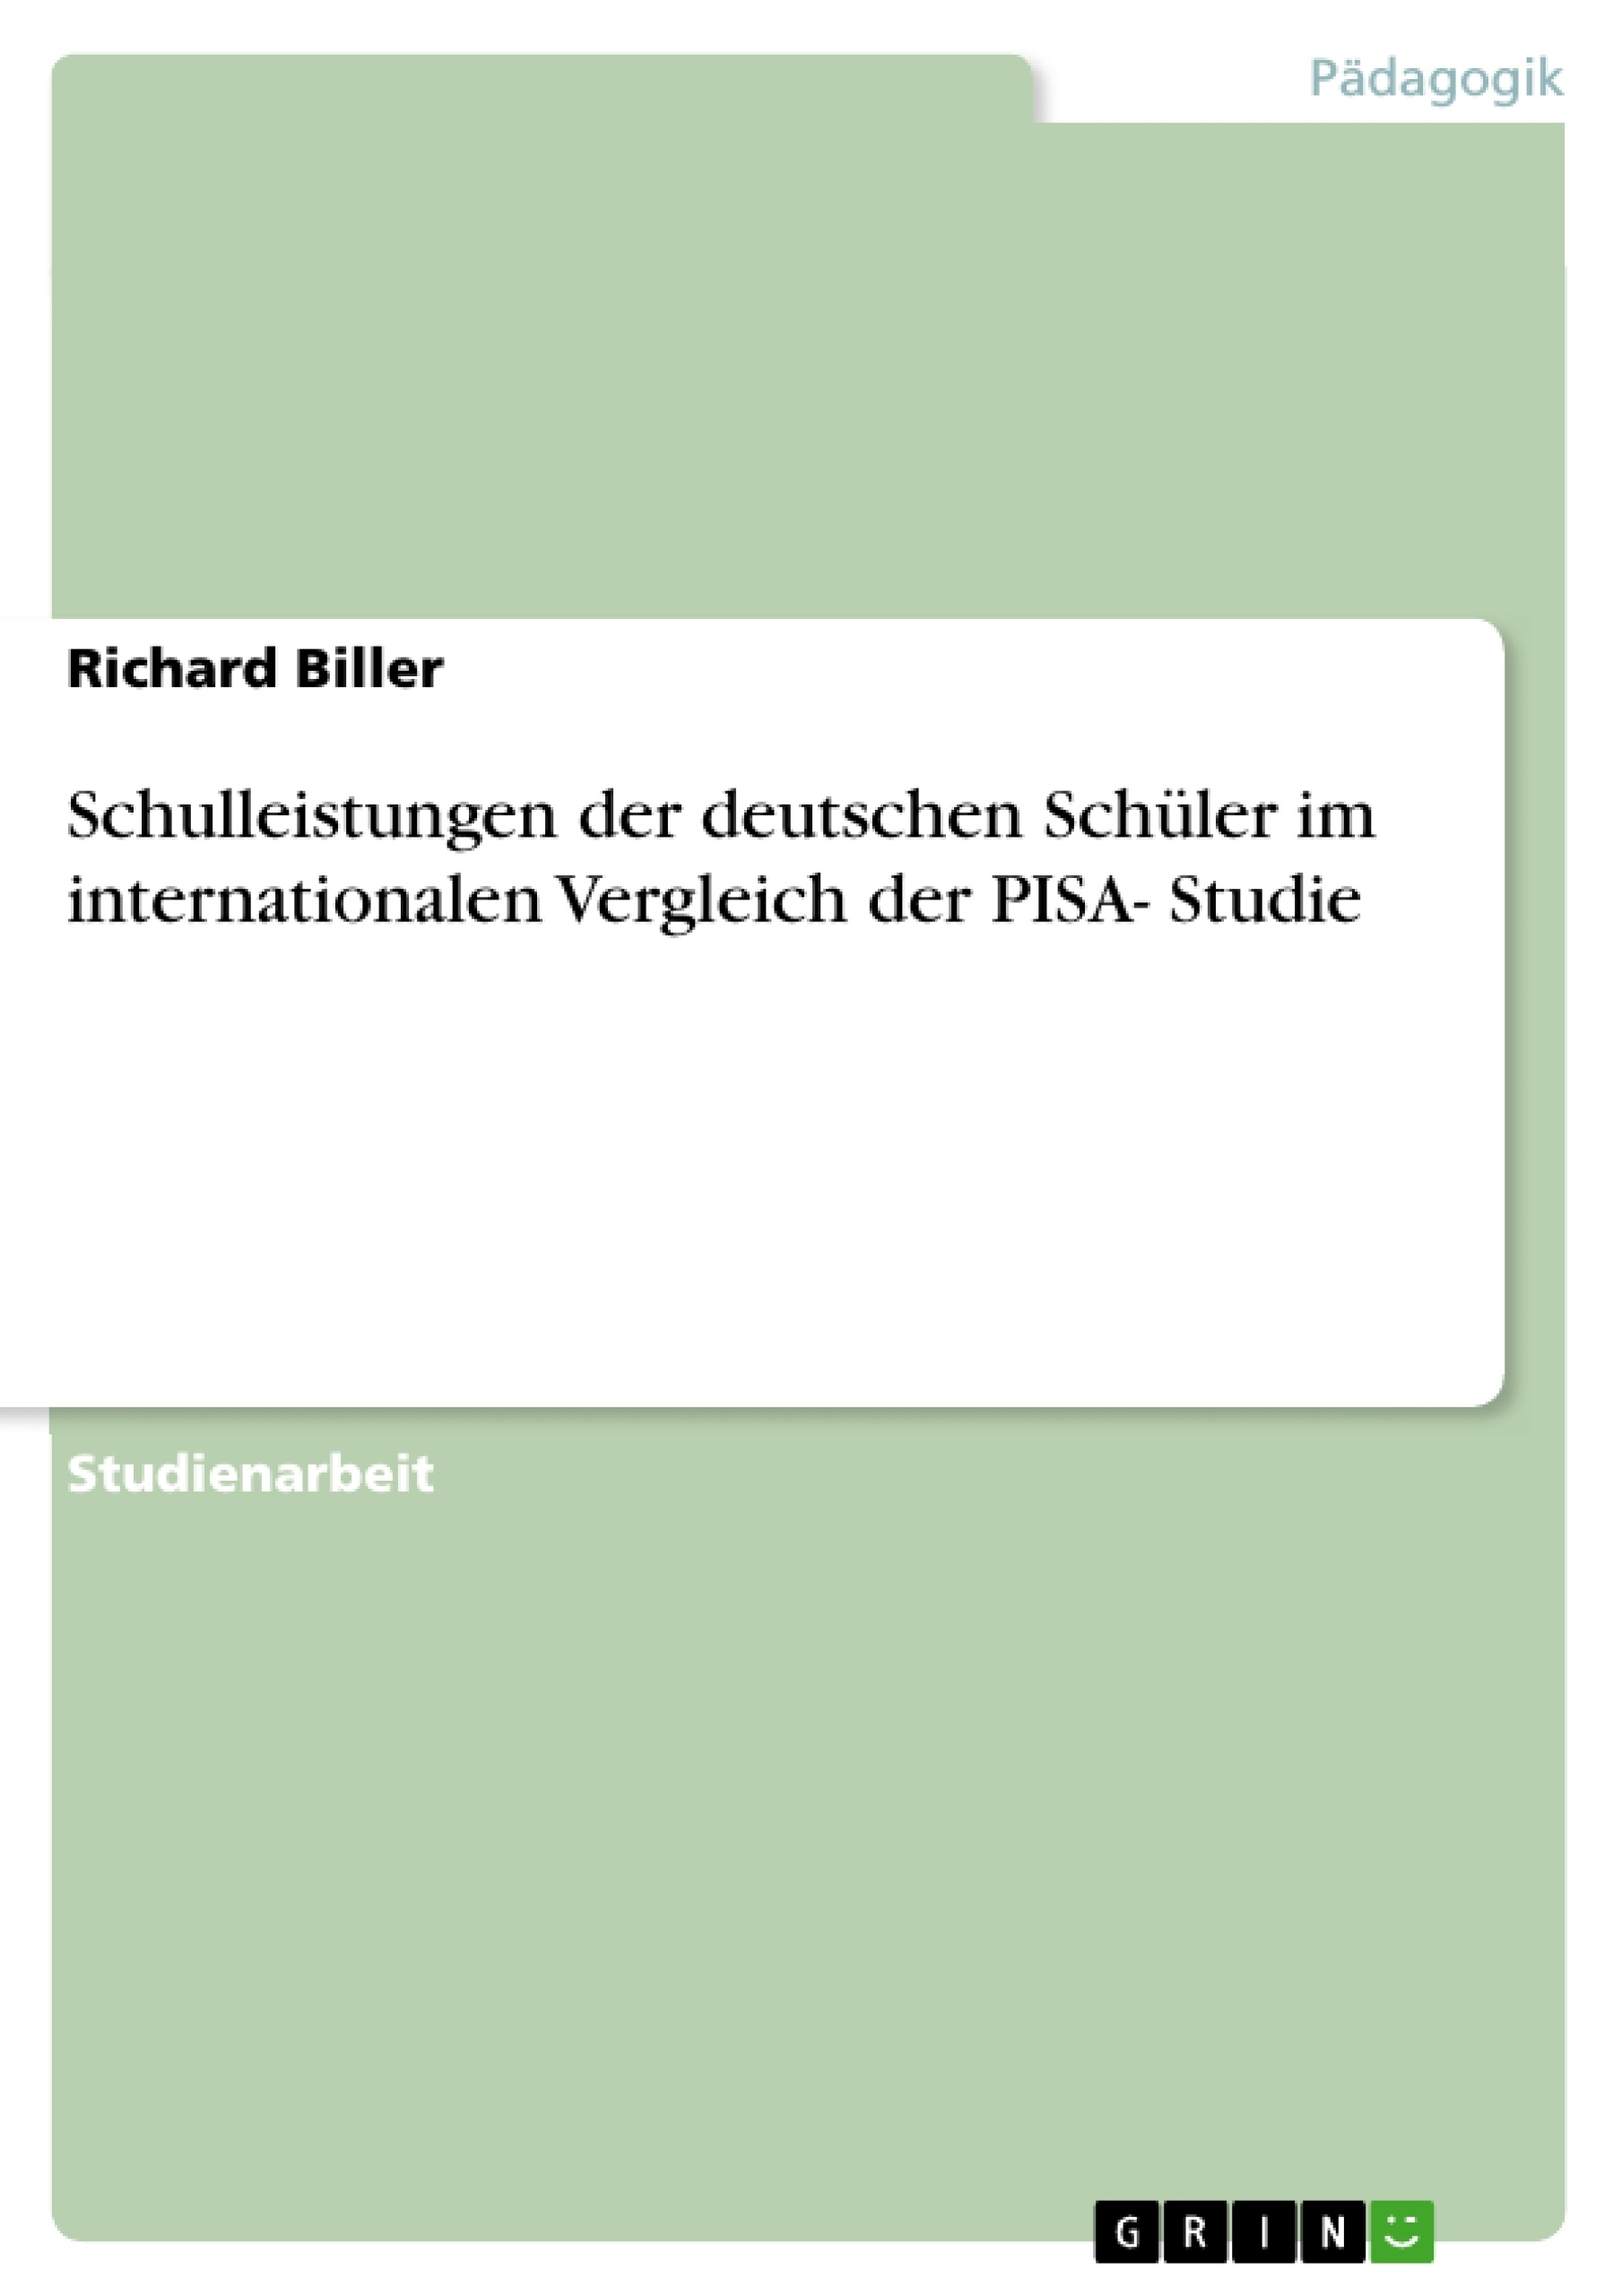 Titel: Schulleistungen der deutschen Schüler im internationalen Vergleich der PISA- Studie